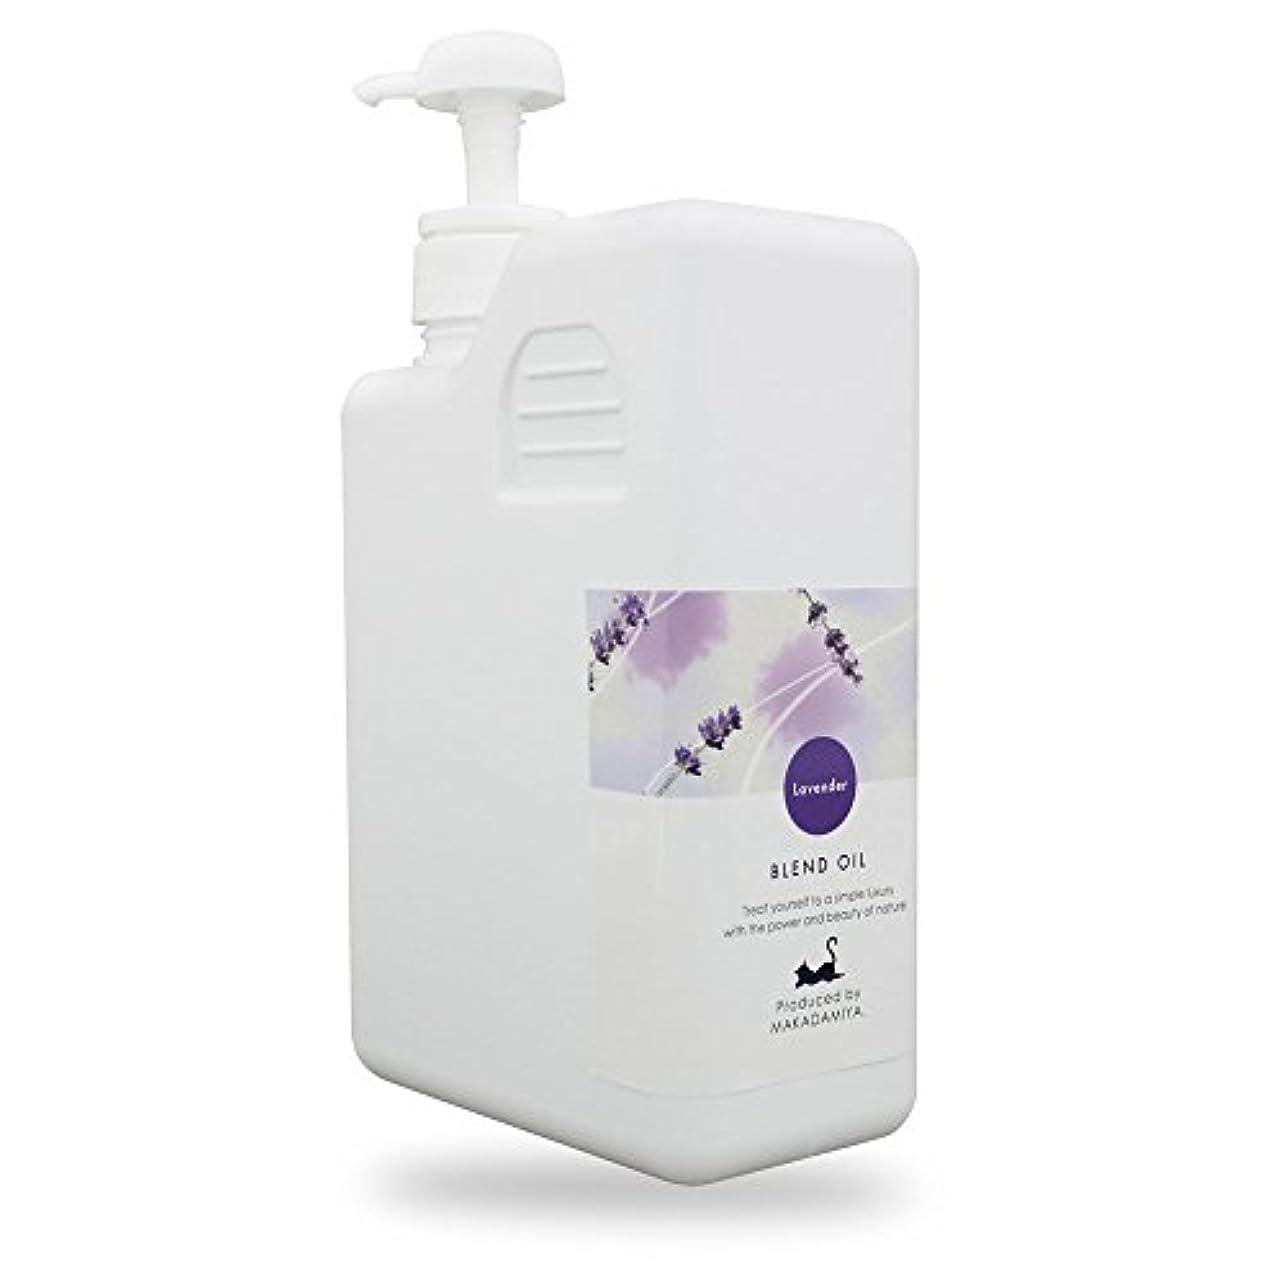 恩赦乳剤見ましたラベンダーブレンド1000ml (ベース:ライスオイル/ポンプ付)高級サロン仕様 マッサージオイル 業務用 大容量